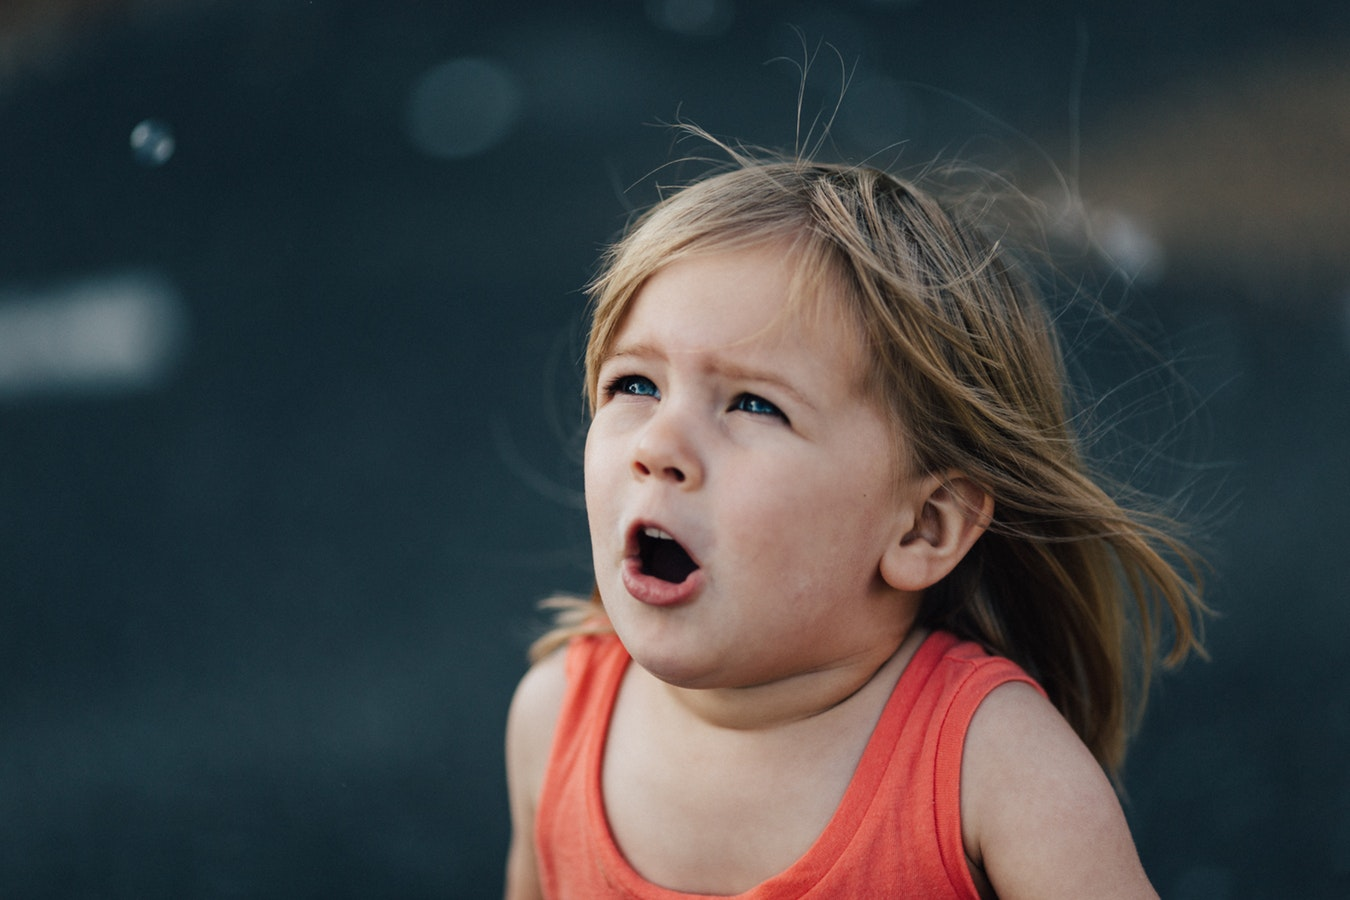 Gestik und mimik bei kindern | Mimik und Gestik: Wie